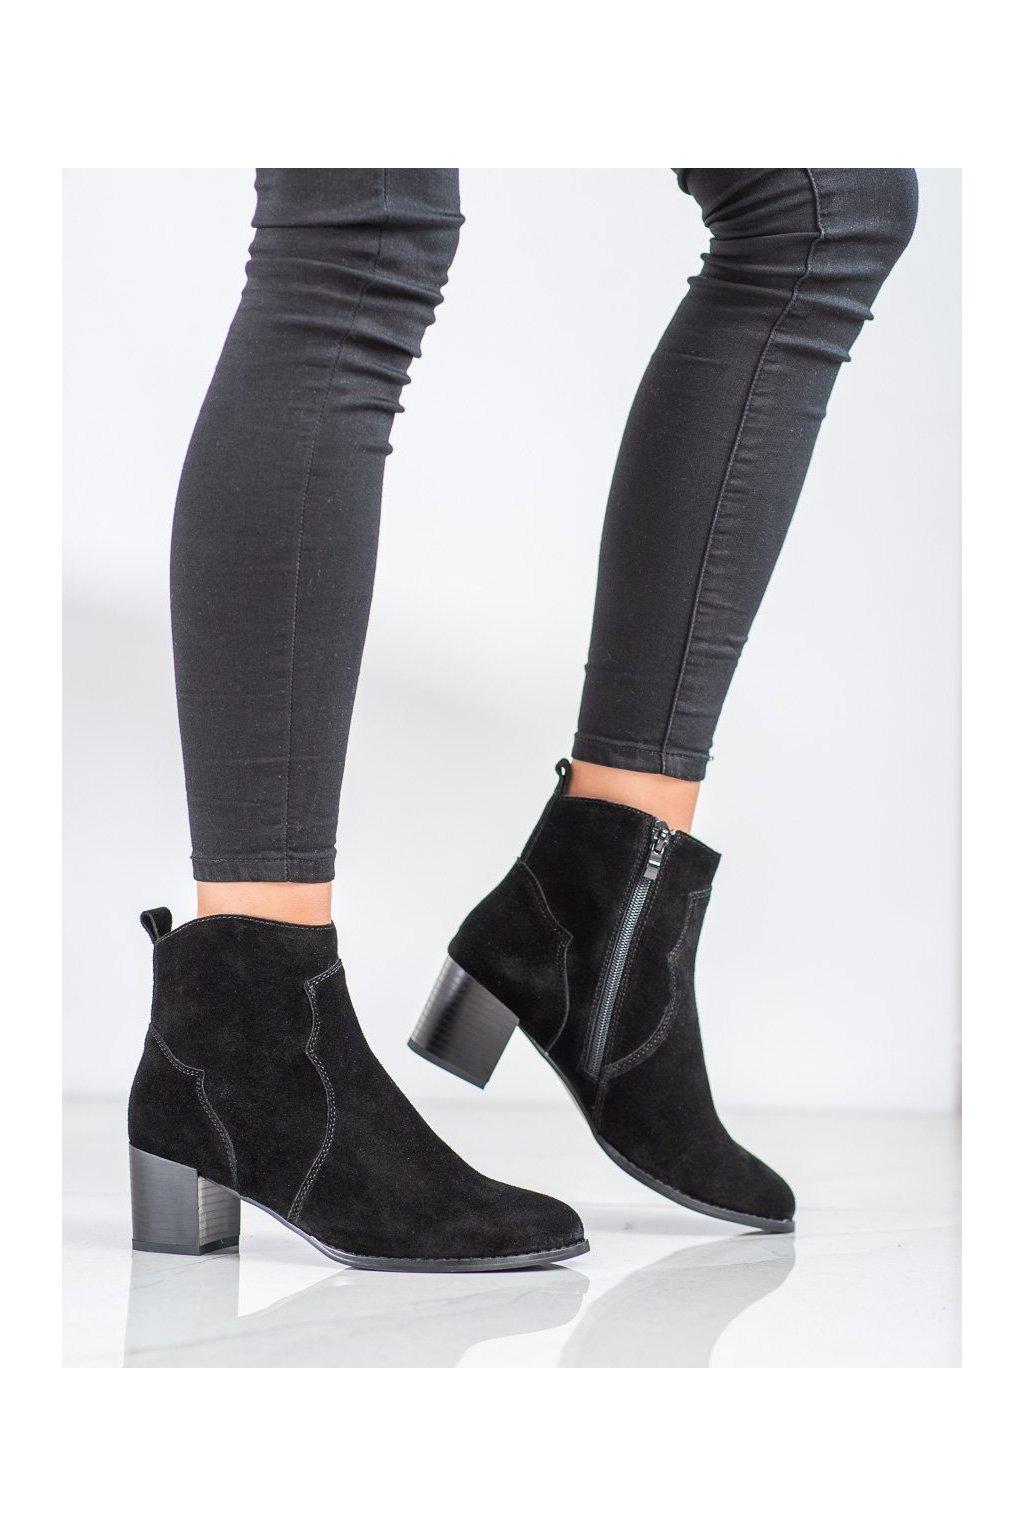 Čierne dámske topánky Filippo kod DBT1587/20B